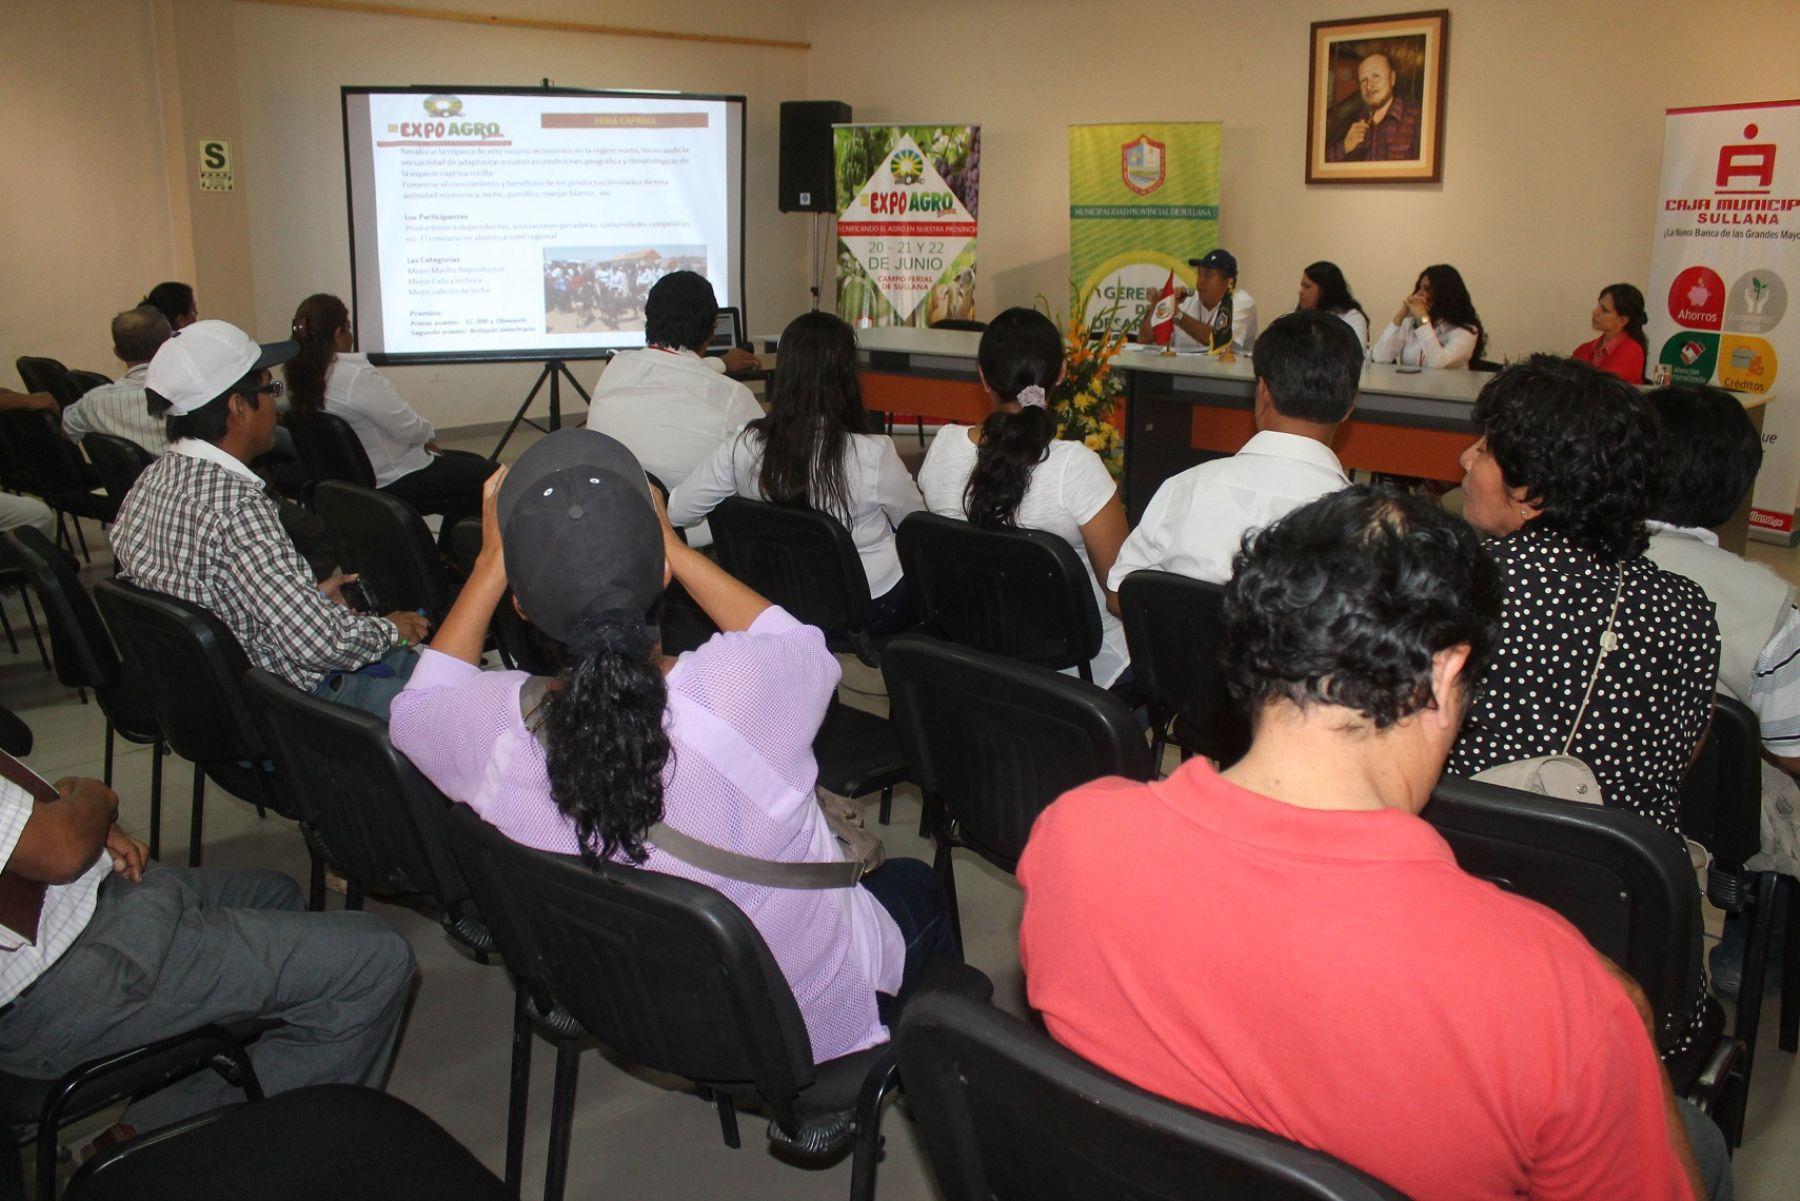 AREQUIPA: LOS MEJORES EXPONENTES DEL SUR SE REUNIRÁN EN EXPOAGRO